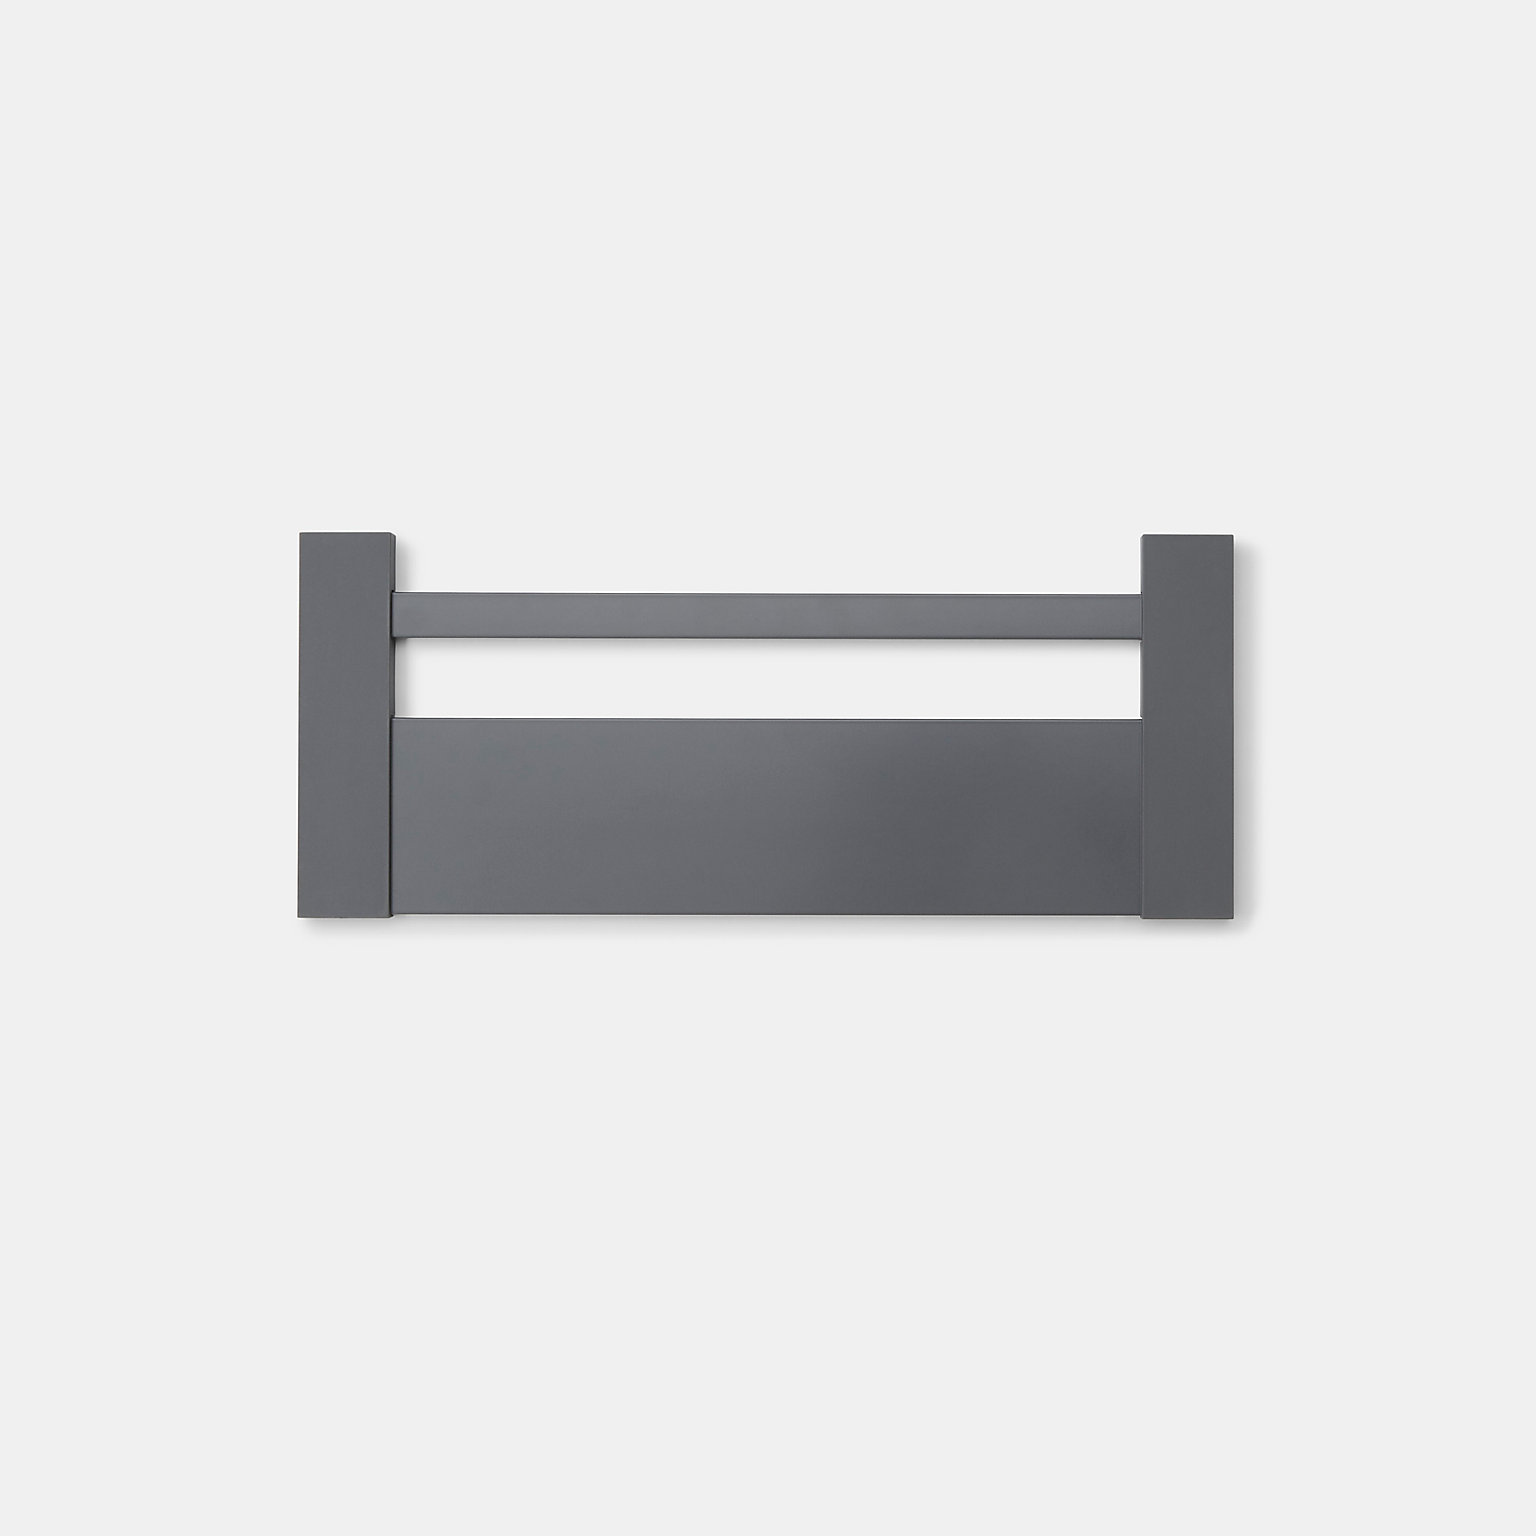 Façade de casserolier GoodHome Soto Anthracite 12 cm